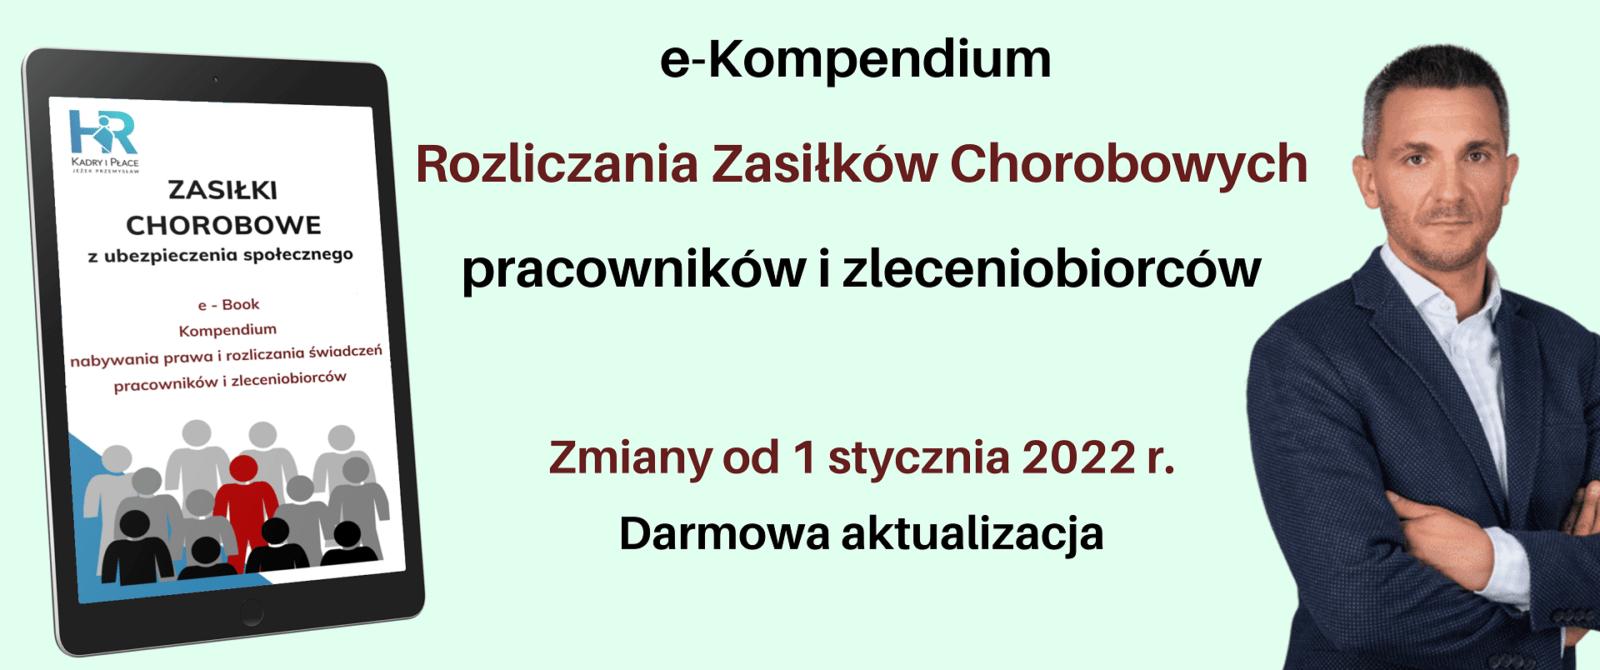 e Kompendium Rozliczania Zasilkow Chorobowych 2022